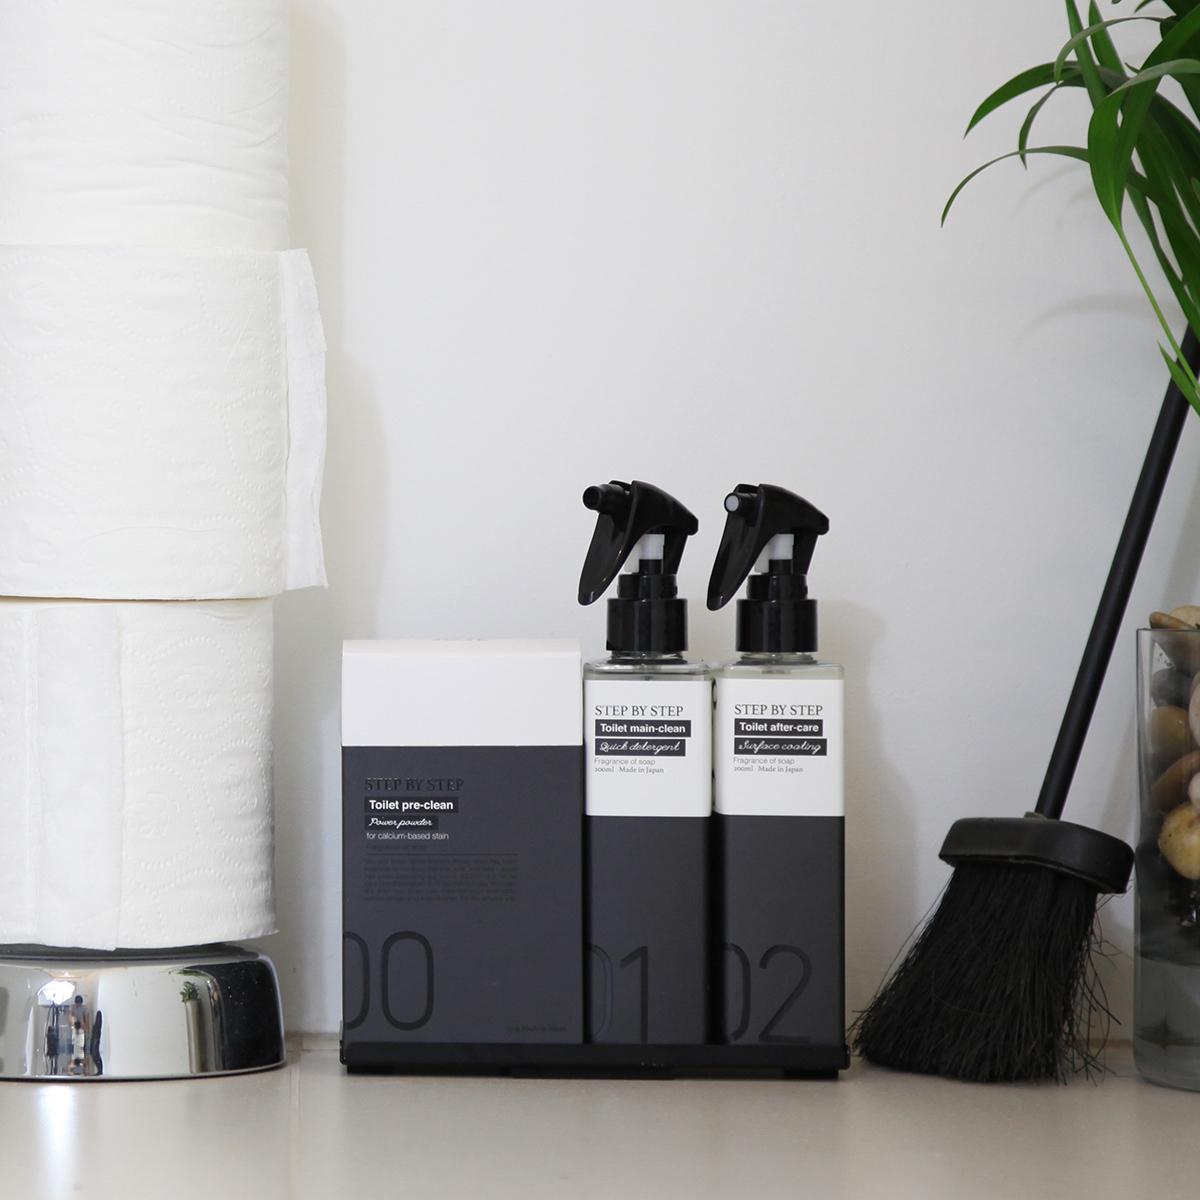 [TOILET 01]トイレット メインクリーン (トイレ用洗浄剤)